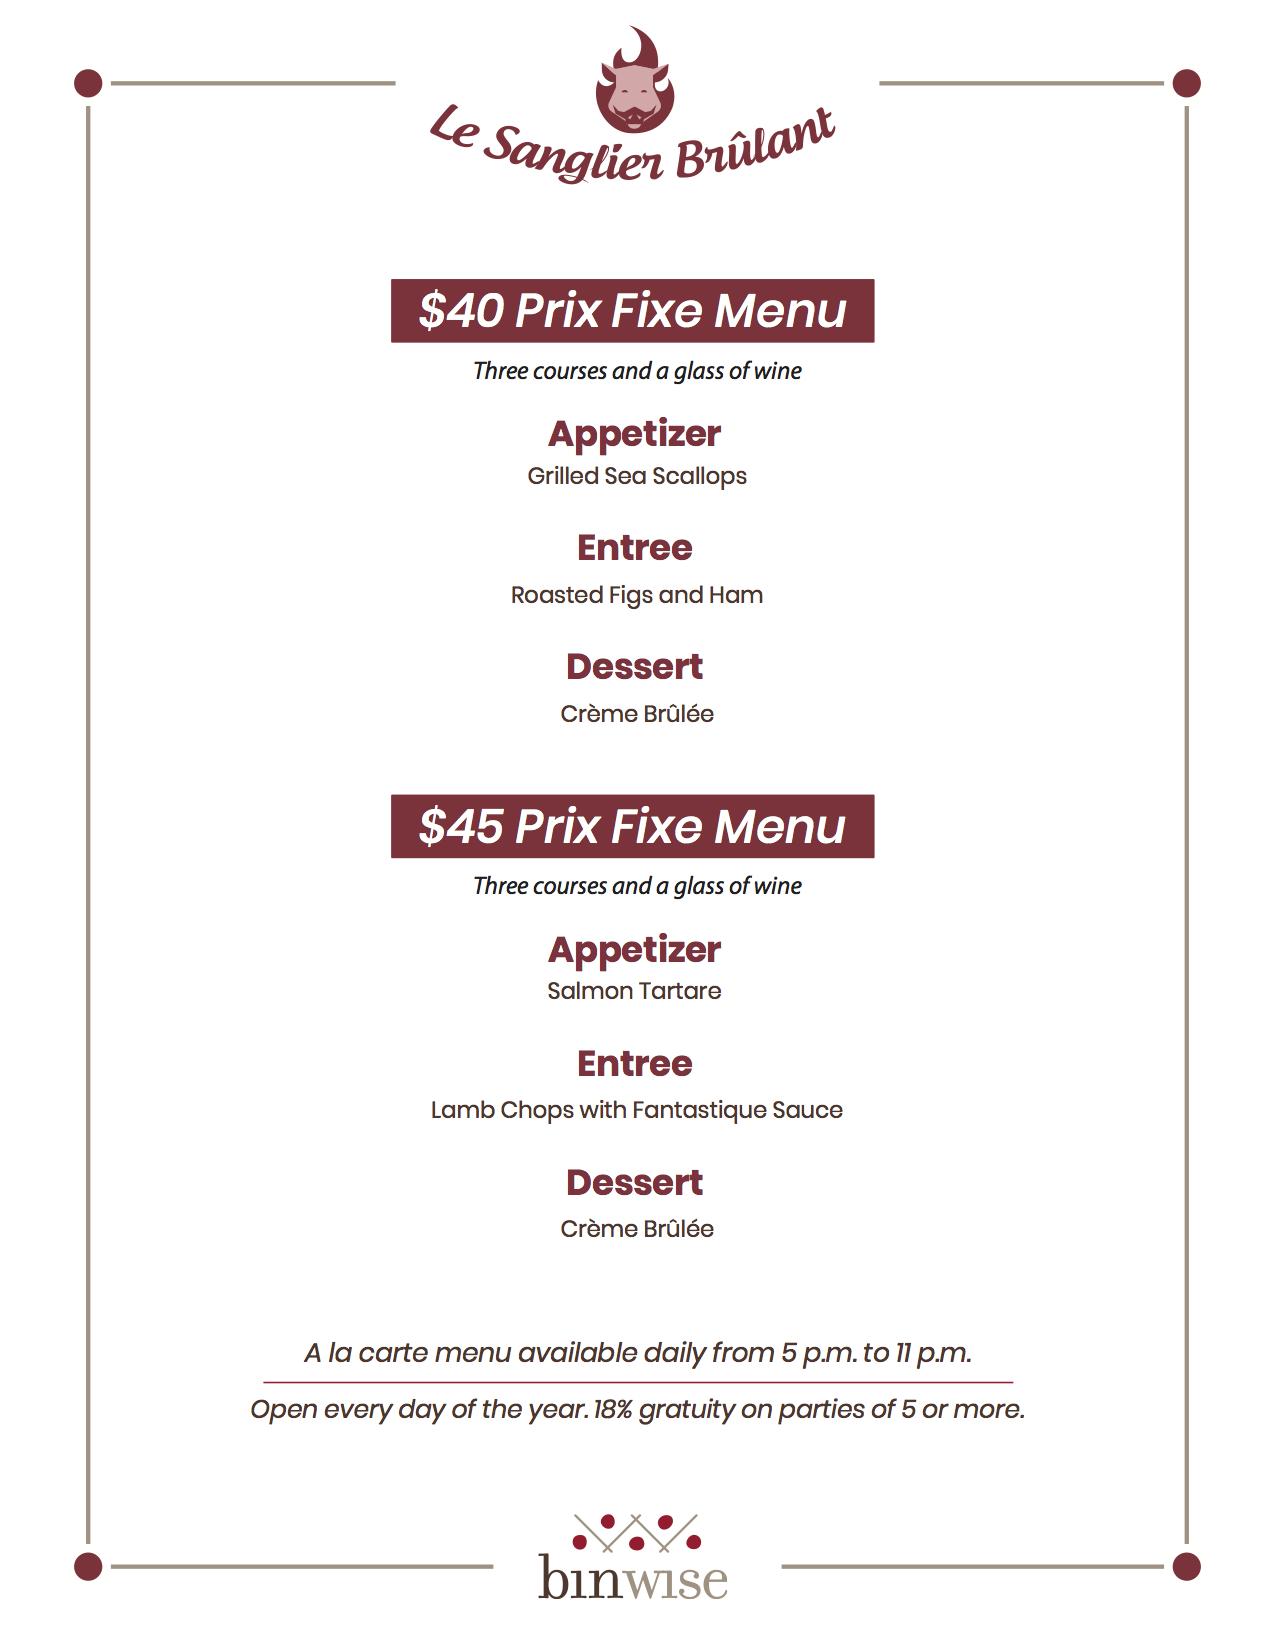 prix fixe menu example